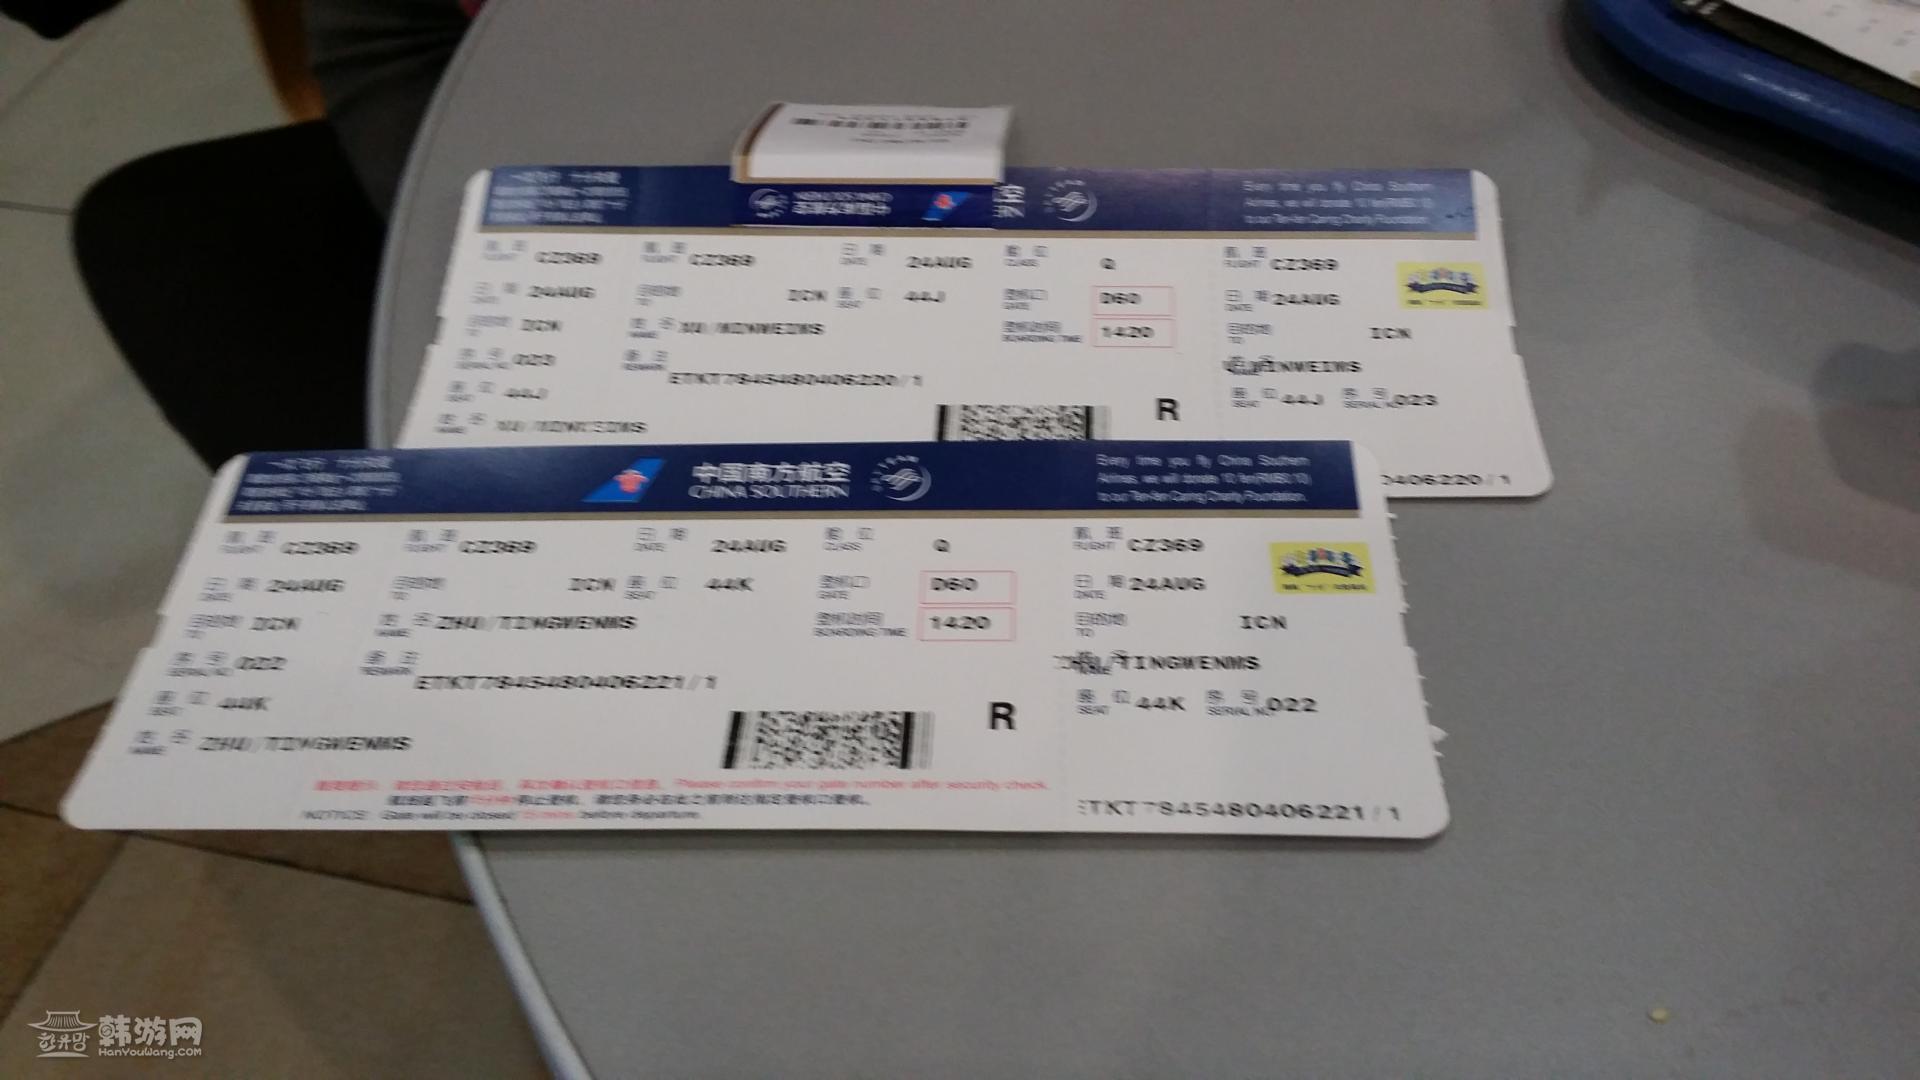 上海到韩国飞机多久